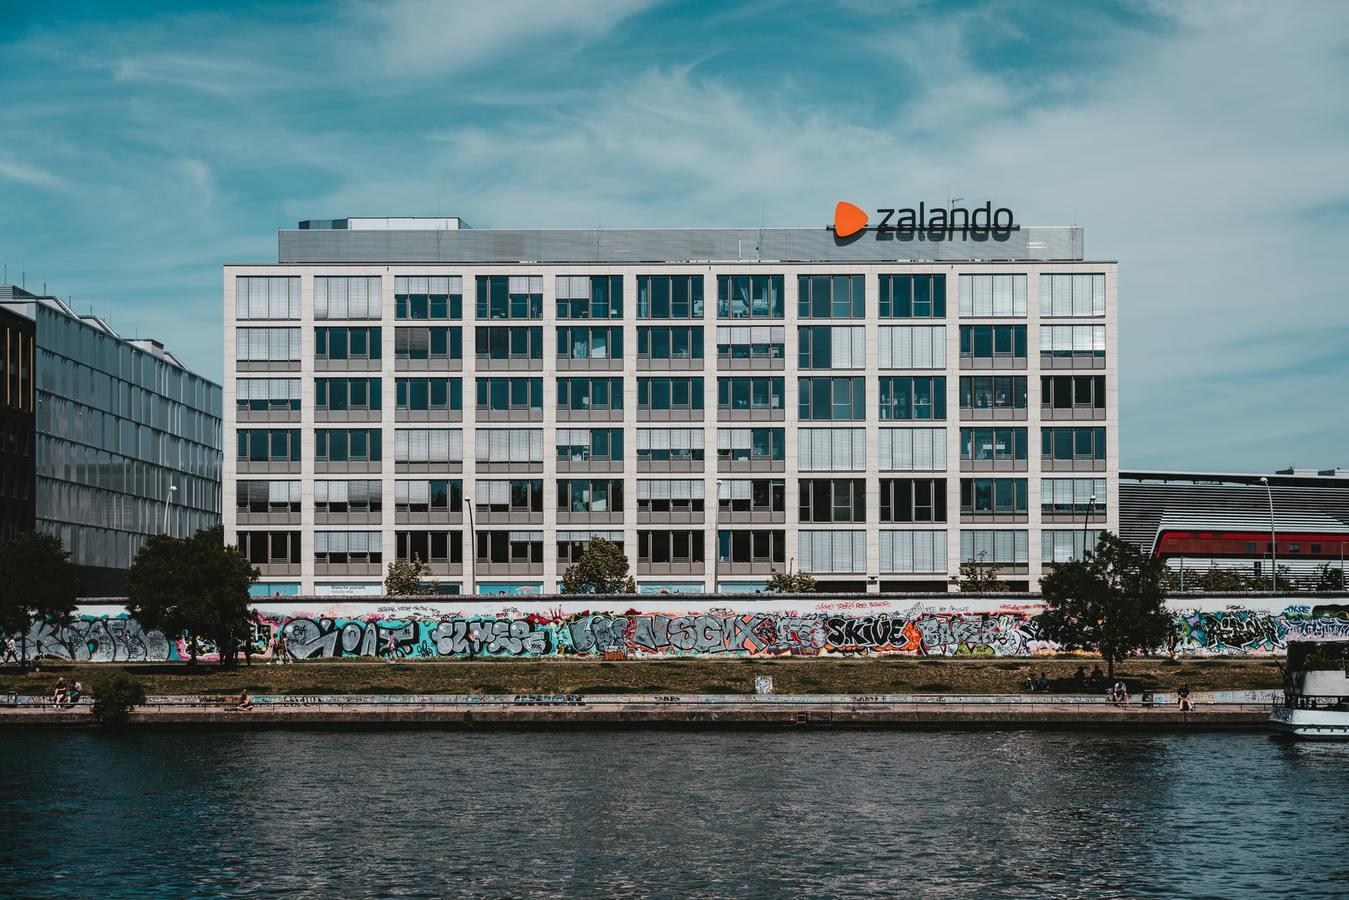 Sede do Zalando em Berlim